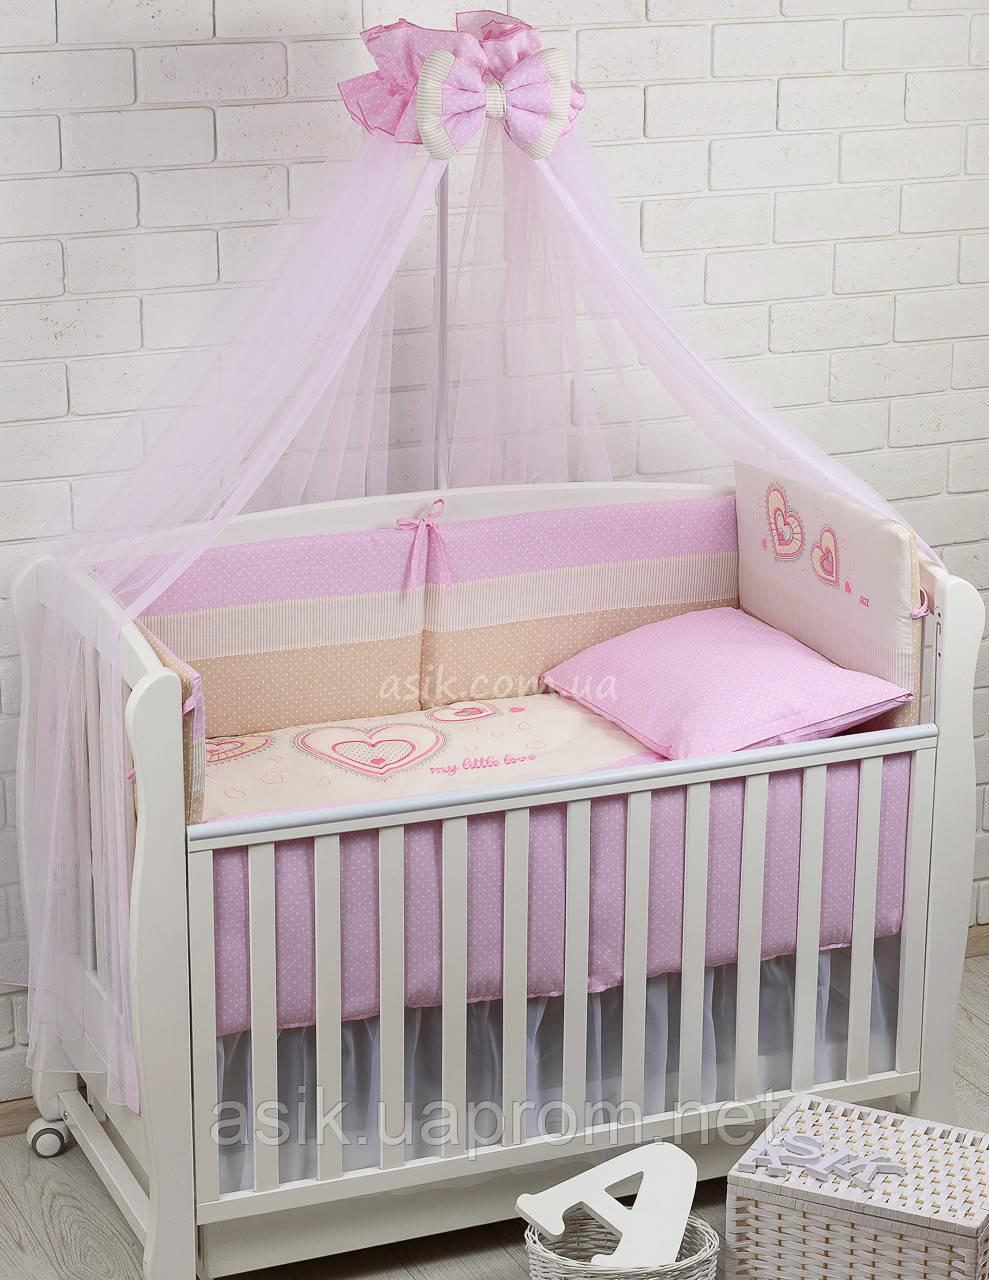 Комплект постельного белья Asik с вышивкой Три сердца розового цвета 7 предметов (88-04)